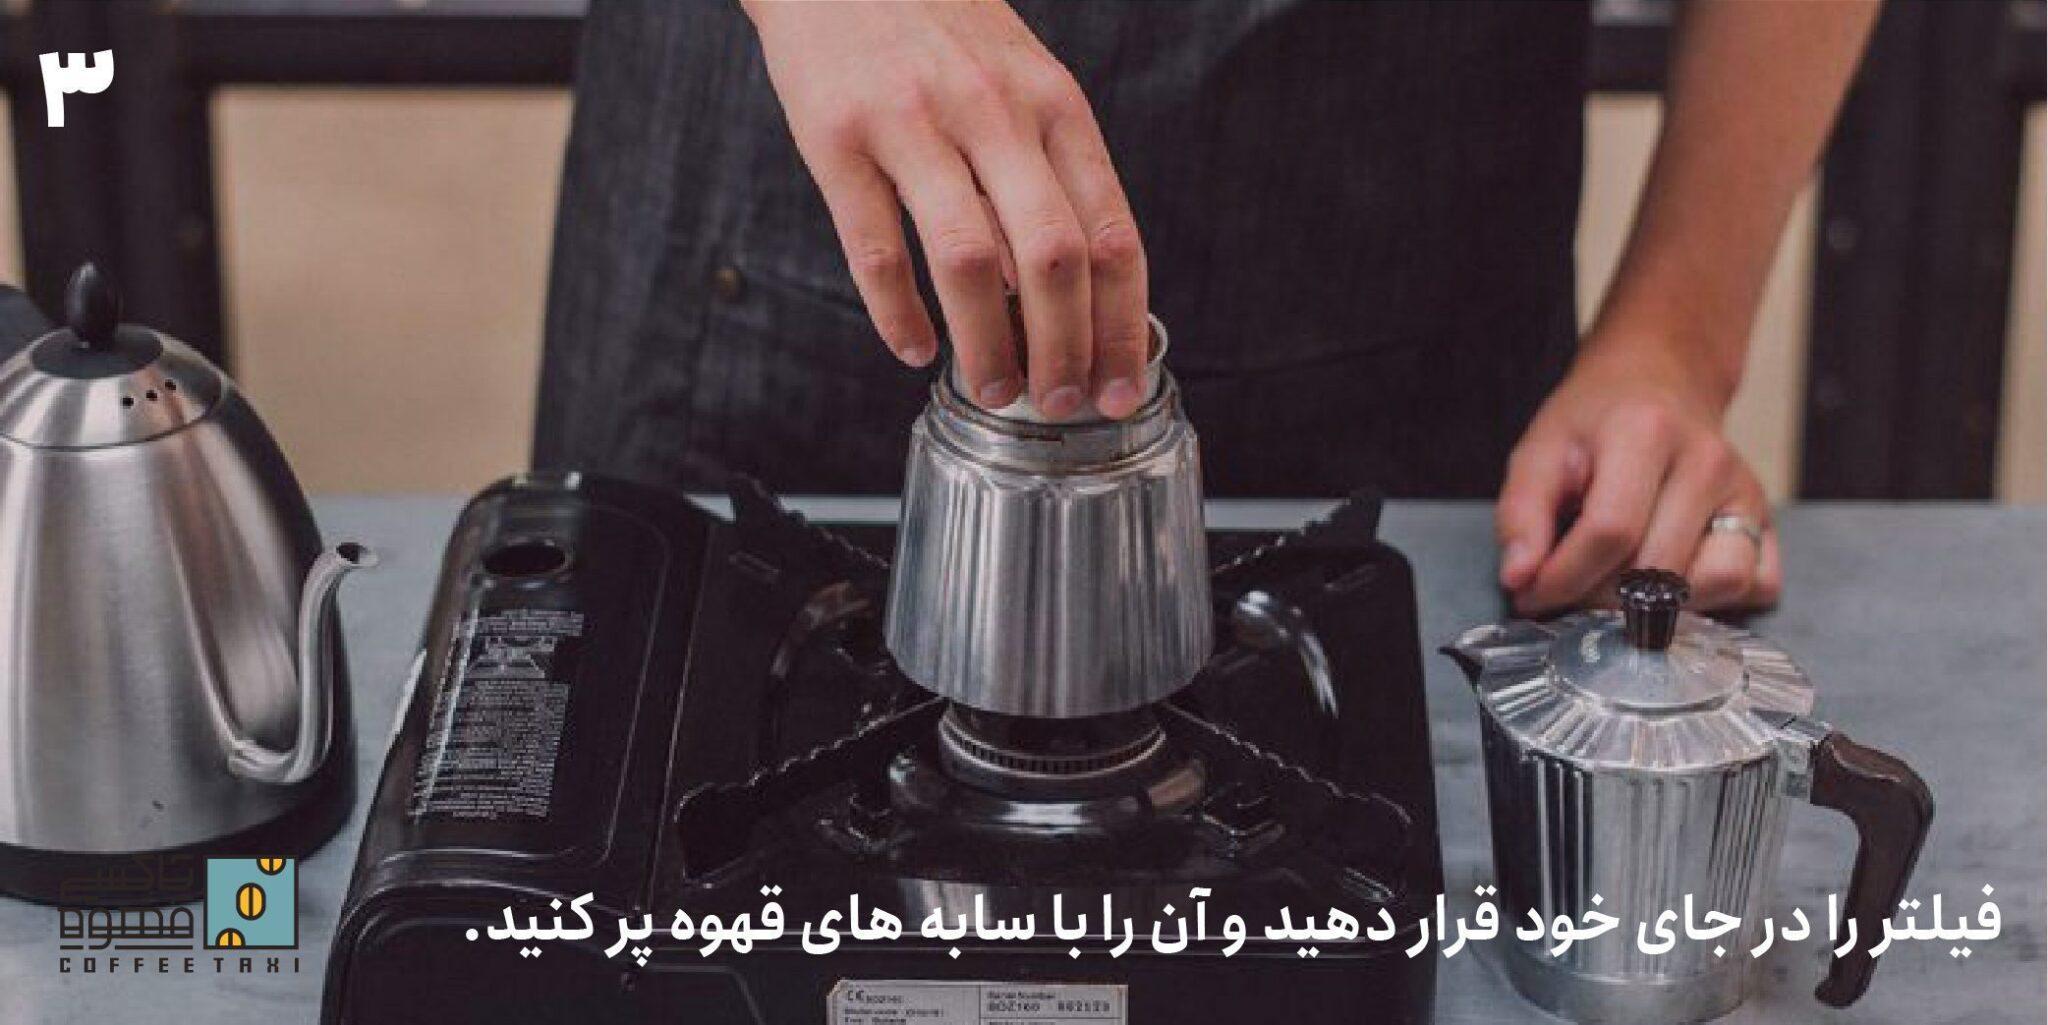 محفظه ی فیلتری را در جای خود قرار دهید و آن را با سابه های قهوه پر کنید